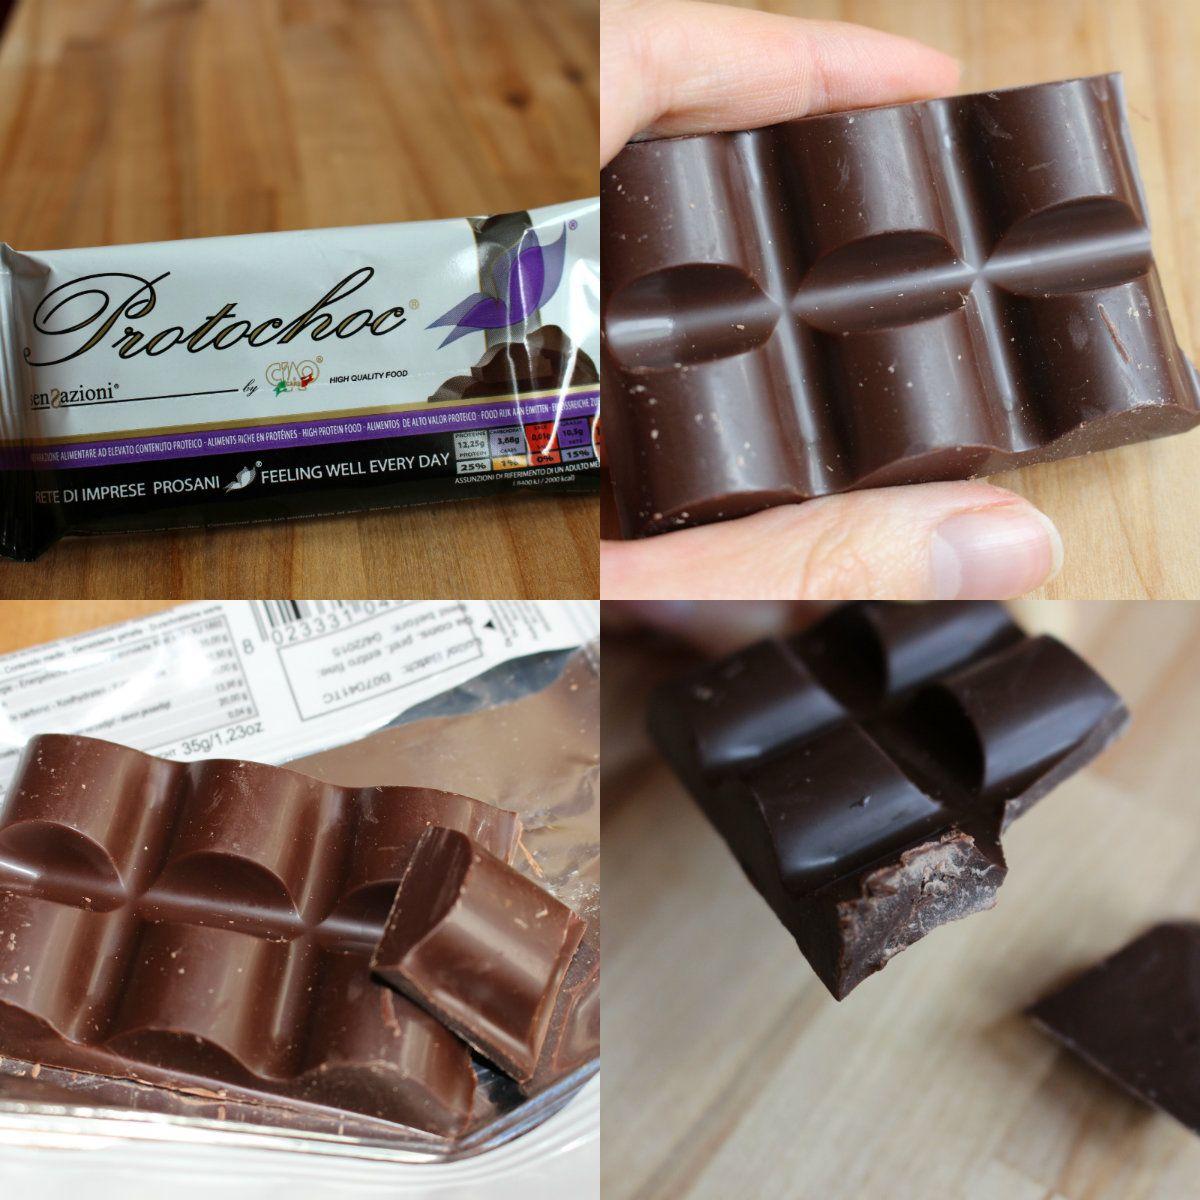 Protochoc chocolat prot in de la marque italienne ciao carb j 39 ai test aliments et for Marque de nourriture italienne